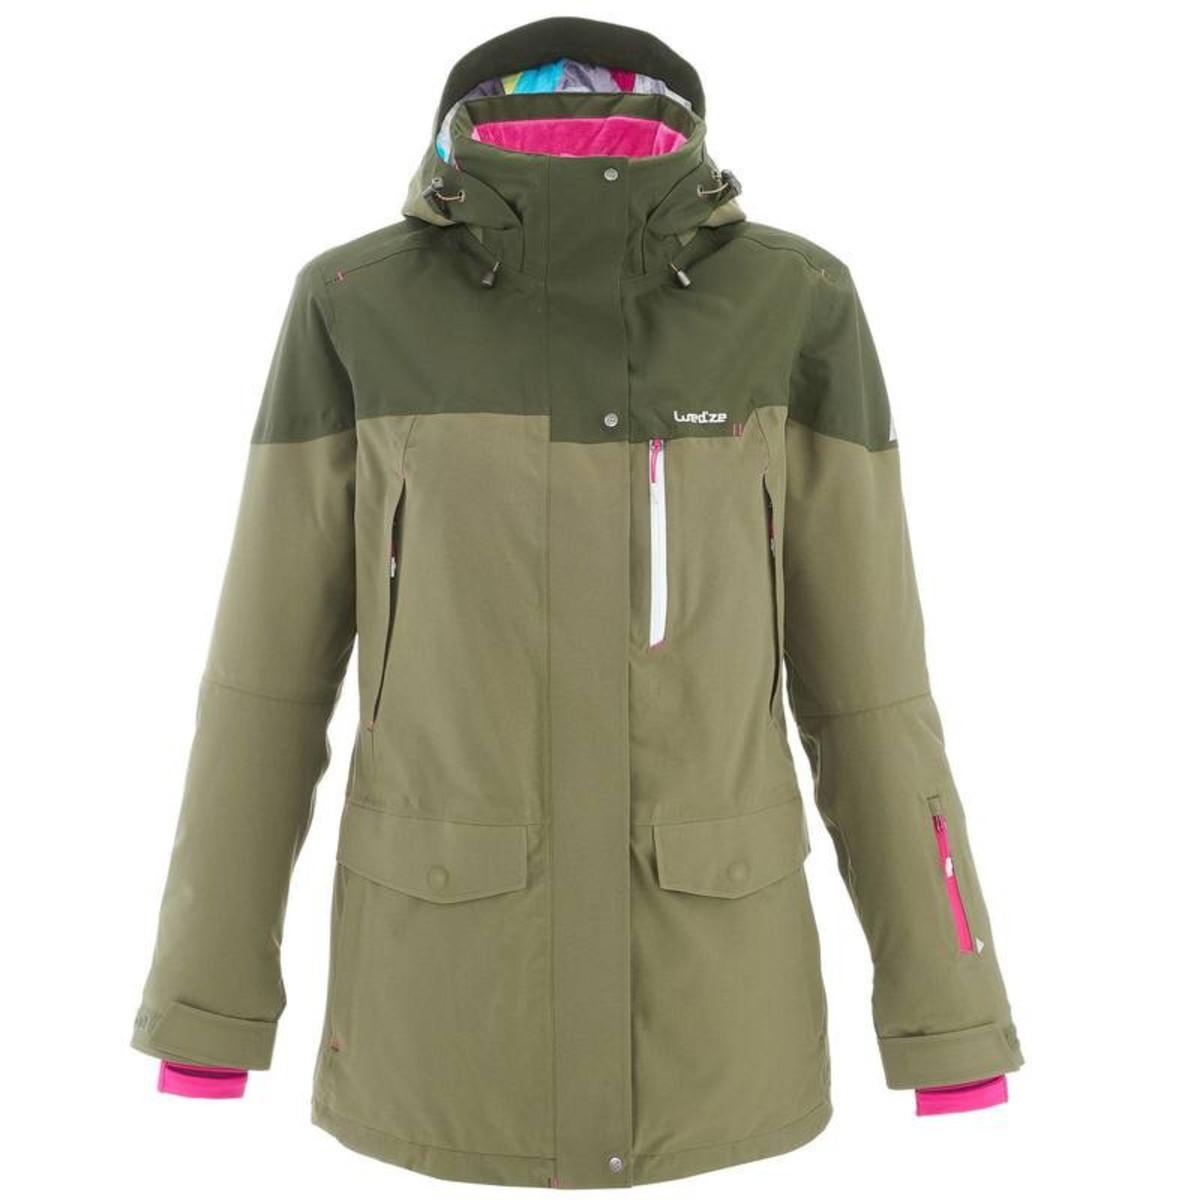 Bild 1 von WED´ZE Skijacke Free 700 Damen grün, Größe: XS